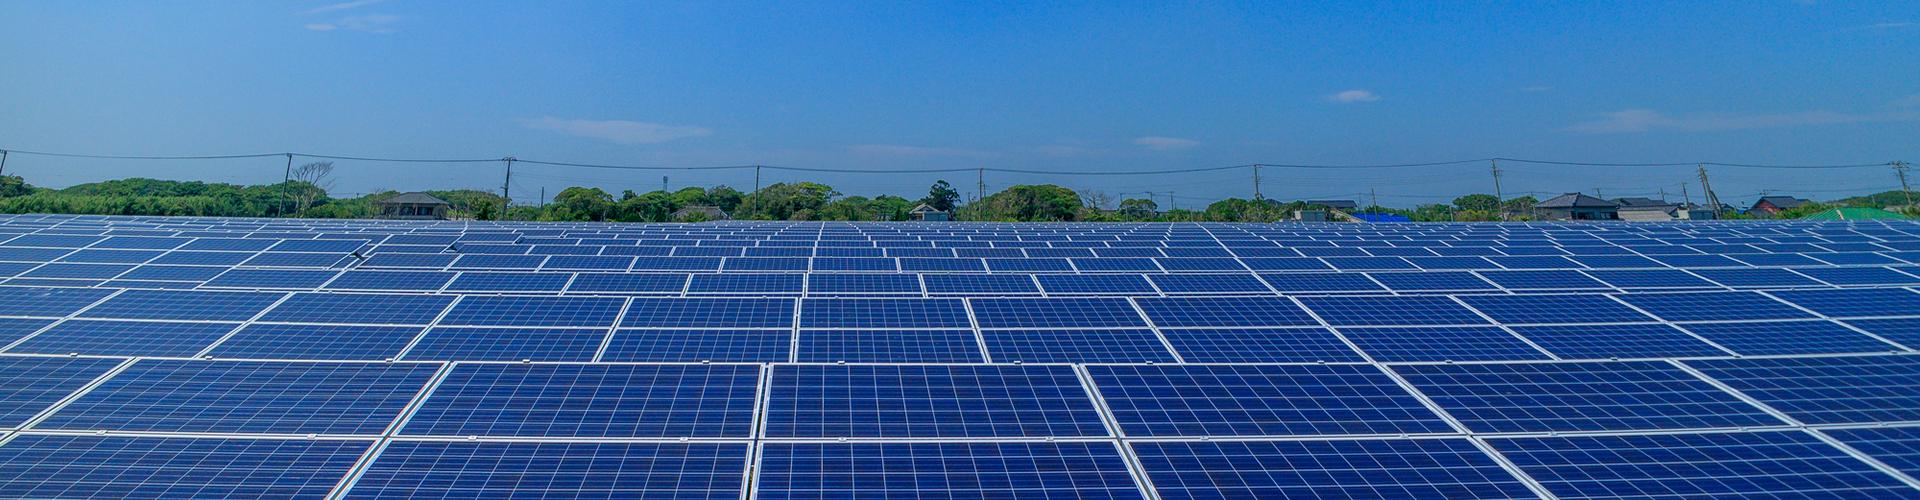 株式会社エコシスホールディングス-太陽光発電事業